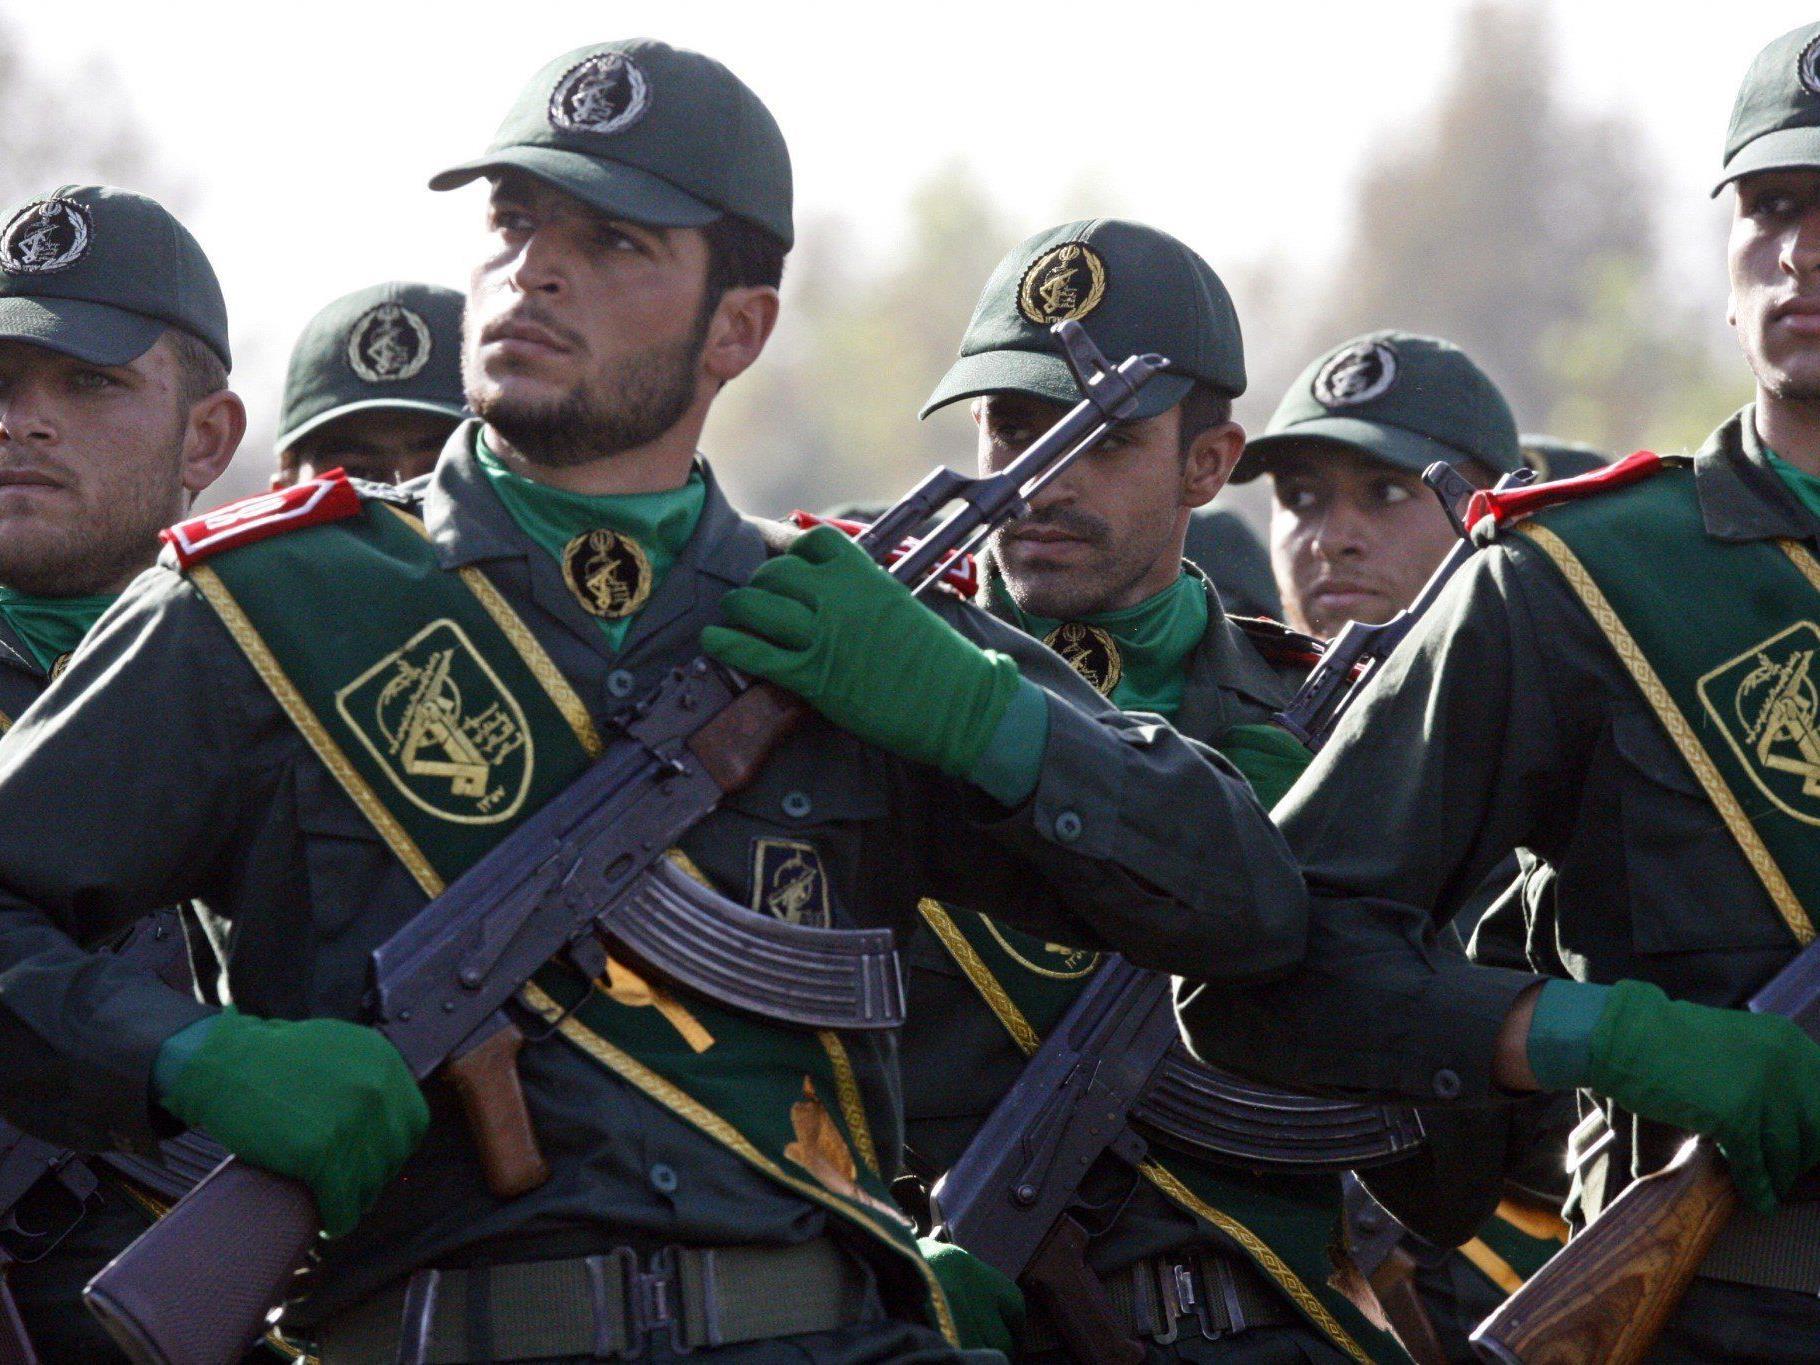 Aktive Unterstützung Teherans für Syriens Präsident Assad wird immer offensichtlicher.